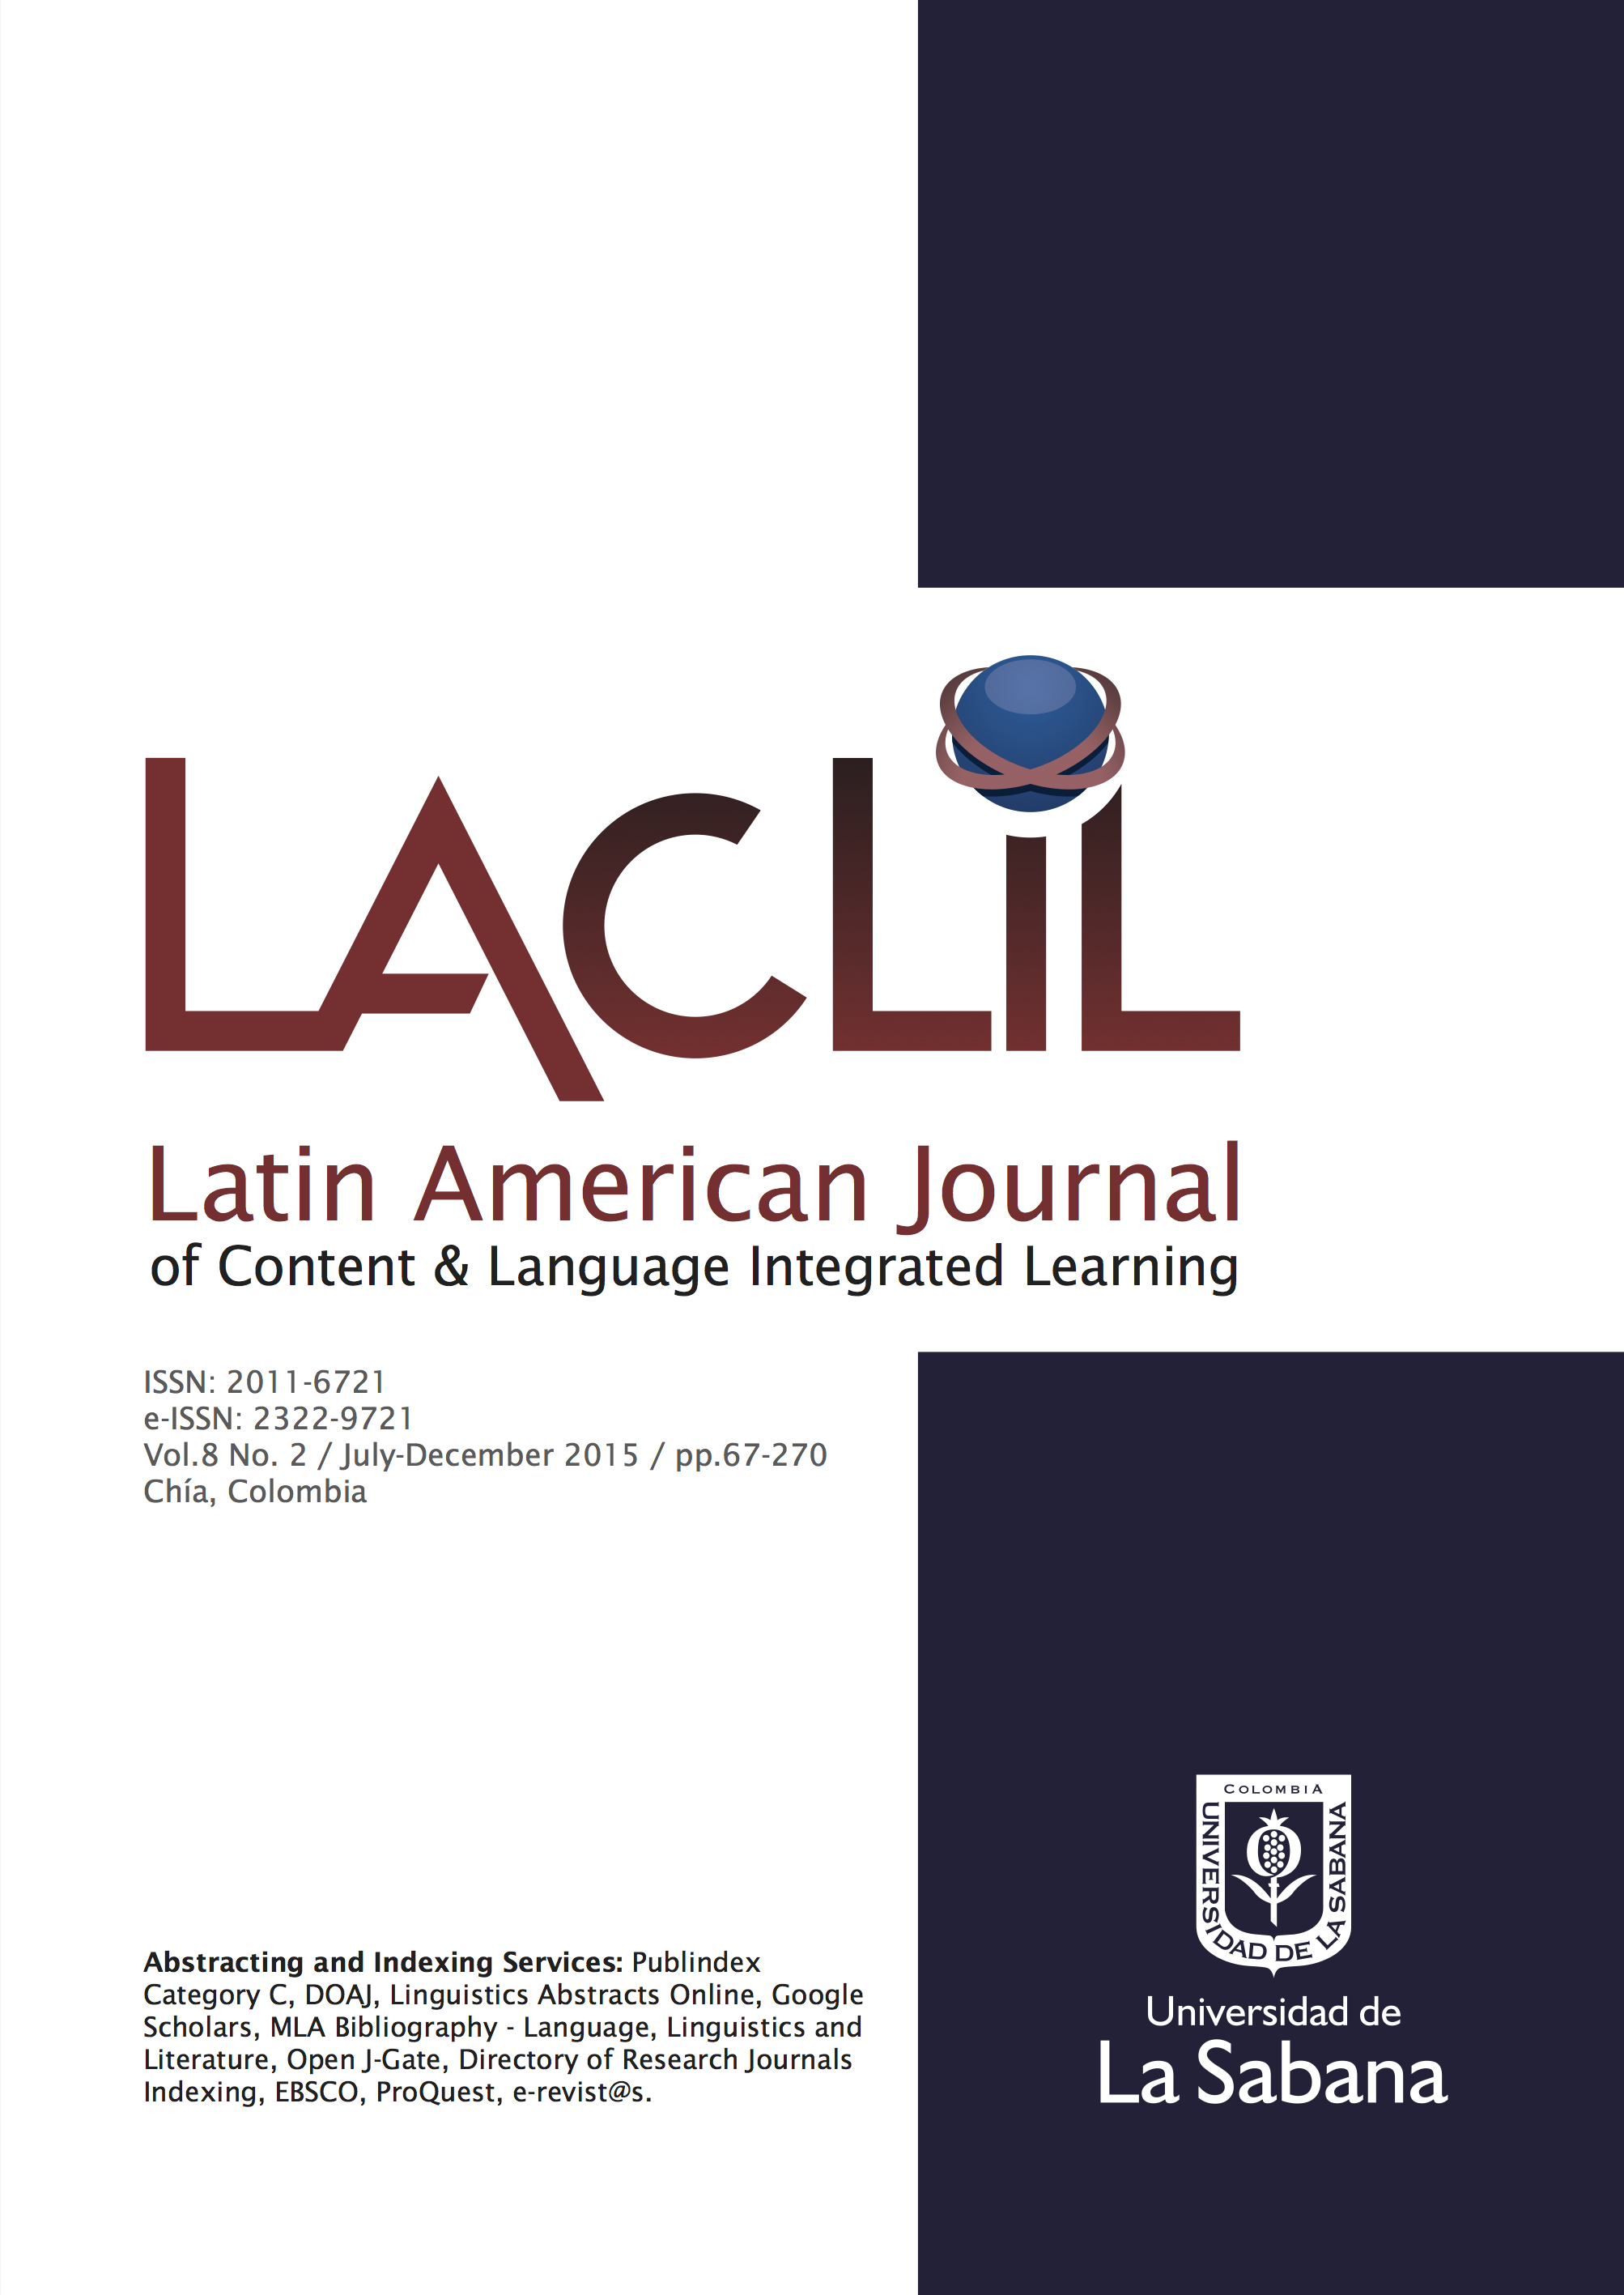 LACLIL Vol. 8 No. 2, July-December 2015